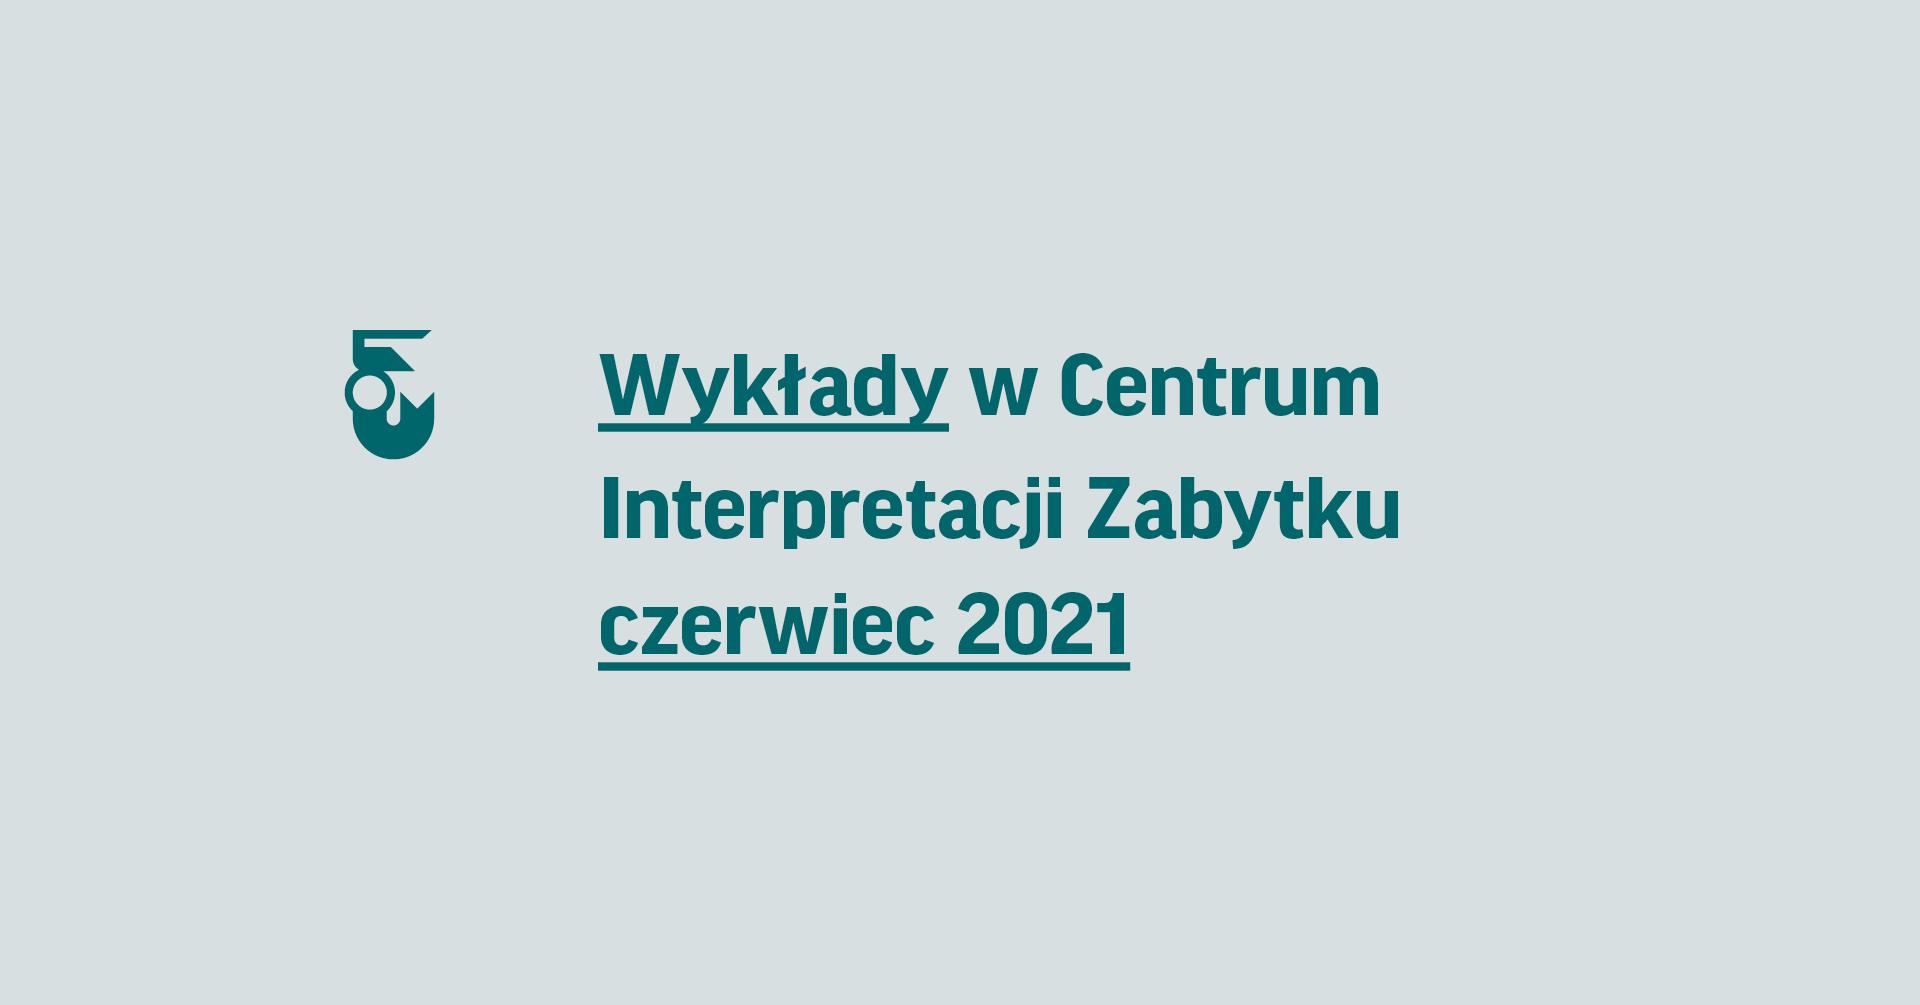 Wykłady wCentrum Interpretacji Zabytku – czerwiec 2021